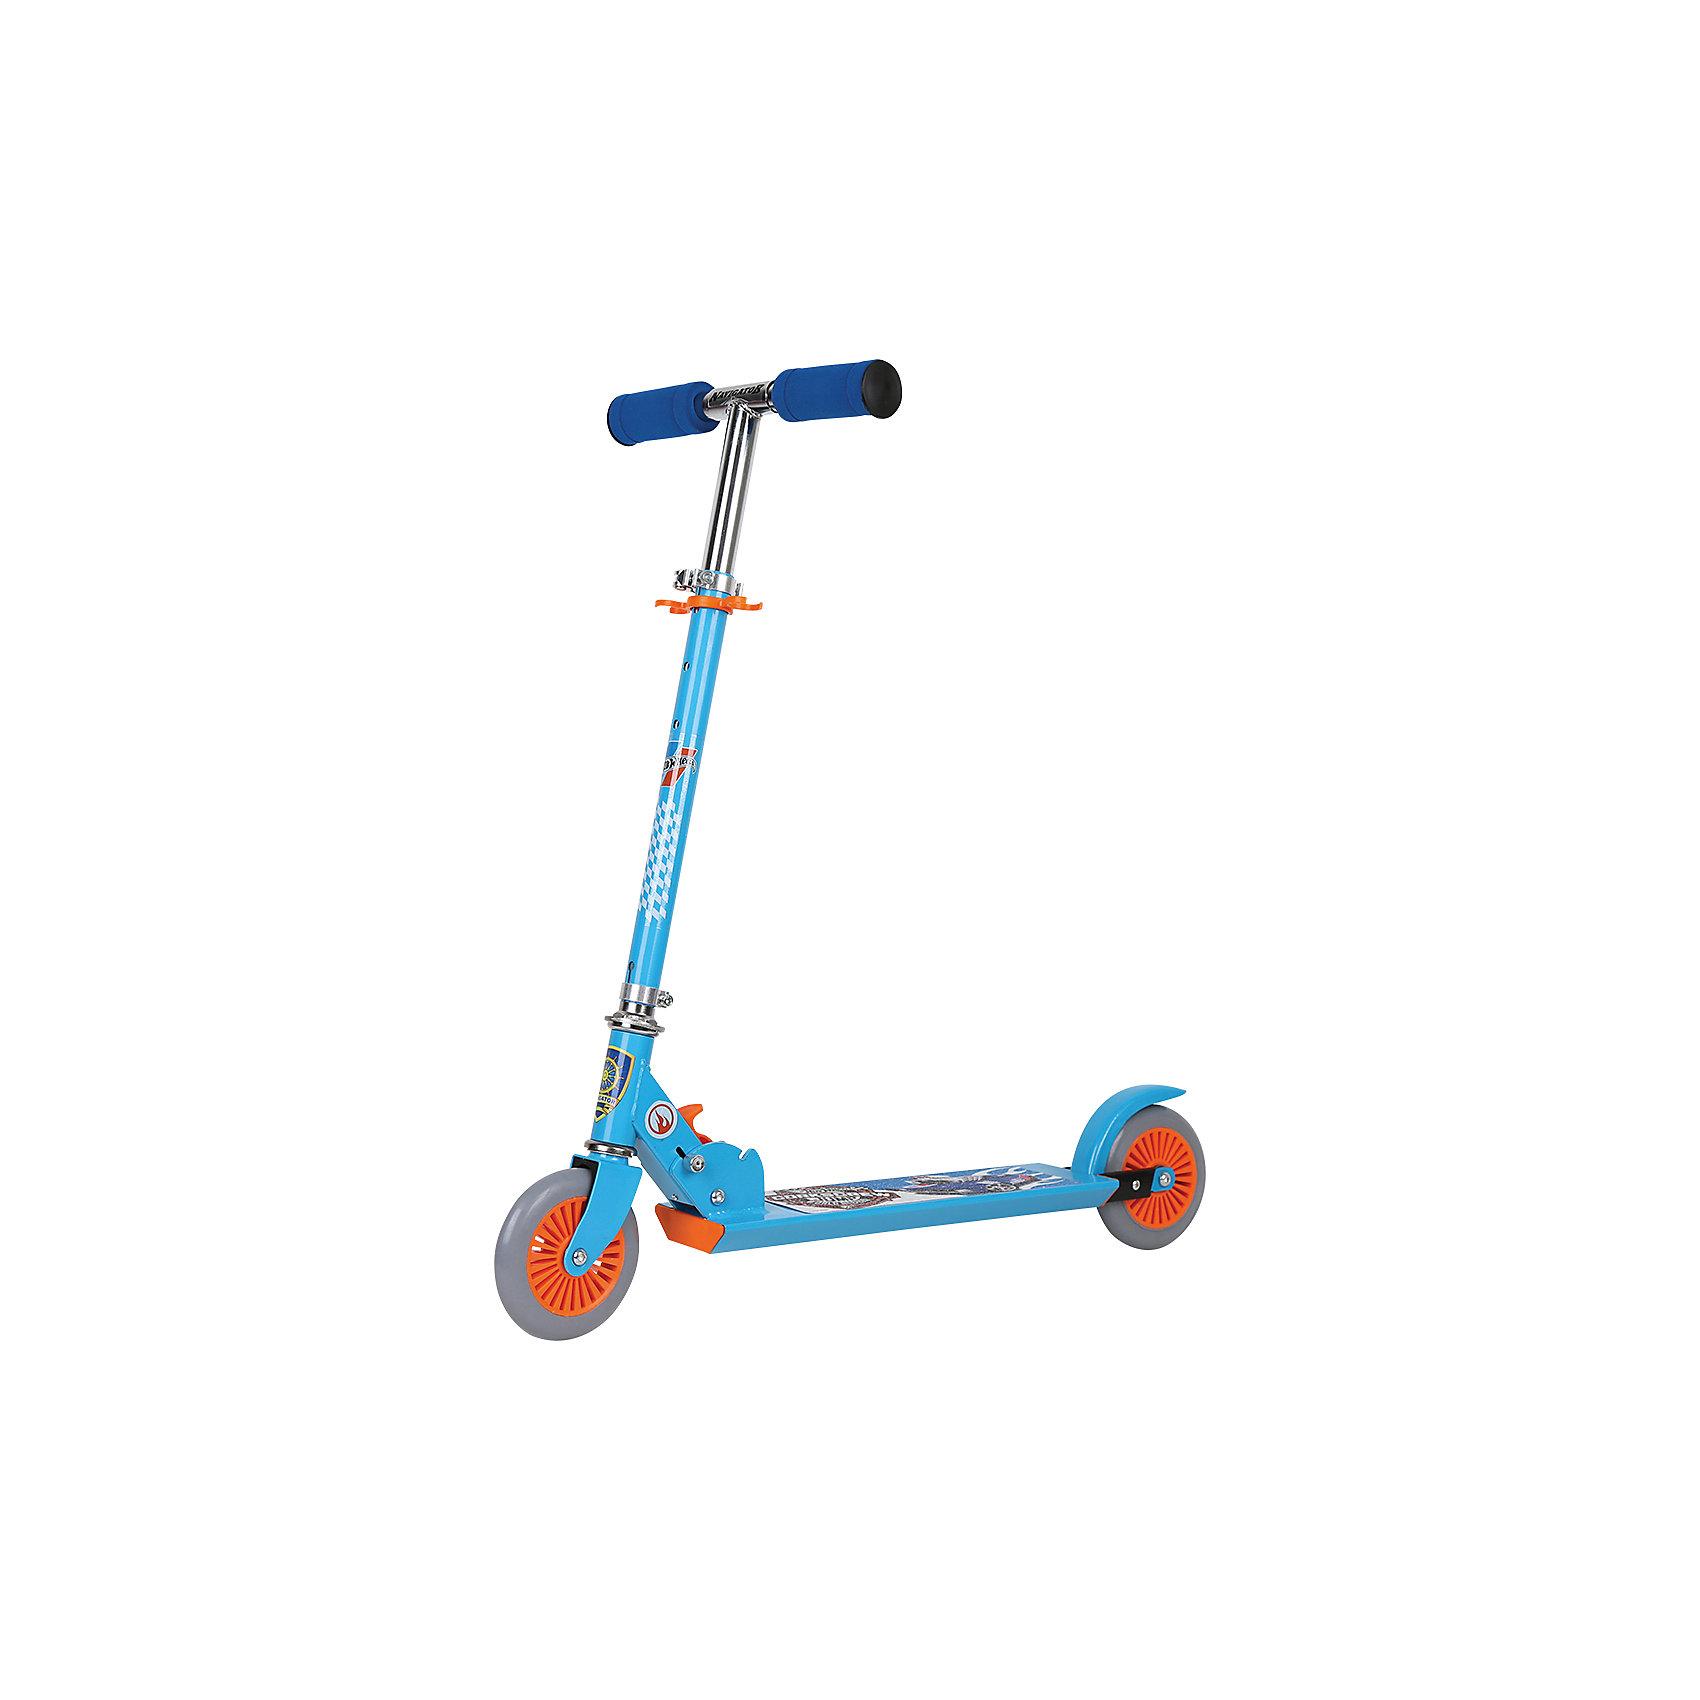 Двухколесный cамокат, Navigator, Hot WheelsКакой ребенок не любит кататься на самокате?! Сделать катание веселее поможет любимые герои - Hot Wheels. Колеса самоката - широкие и устойчивые. Руль у него регулируется. Самокат можно сложить, что очень удобно. Тормоз  - ножной.<br>Этот самокат обязательно порадует ребенка! Катание на нем помогают детям развивать чувство равновесия. Самокат сделан из качественных и безопасных для ребенка материалов.<br><br>Дополнительная информация:<br><br>цвет: синий, оранжевый;<br>размер: 66 х 9,5 х 80 см;<br>вес: 1,6 кг;<br>ножной тормоз;<br>регулируемый руль;<br>складной;<br>материал: металл, ПВХ.<br><br>Двухколесный cсамокат, Navigator, Hot Wheels можно купить в нашем магазине.<br><br>Ширина мм: 650<br>Глубина мм: 210<br>Высота мм: 100<br>Вес г: 2450<br>Возраст от месяцев: 36<br>Возраст до месяцев: 2147483647<br>Пол: Мужской<br>Возраст: Детский<br>SKU: 4916421